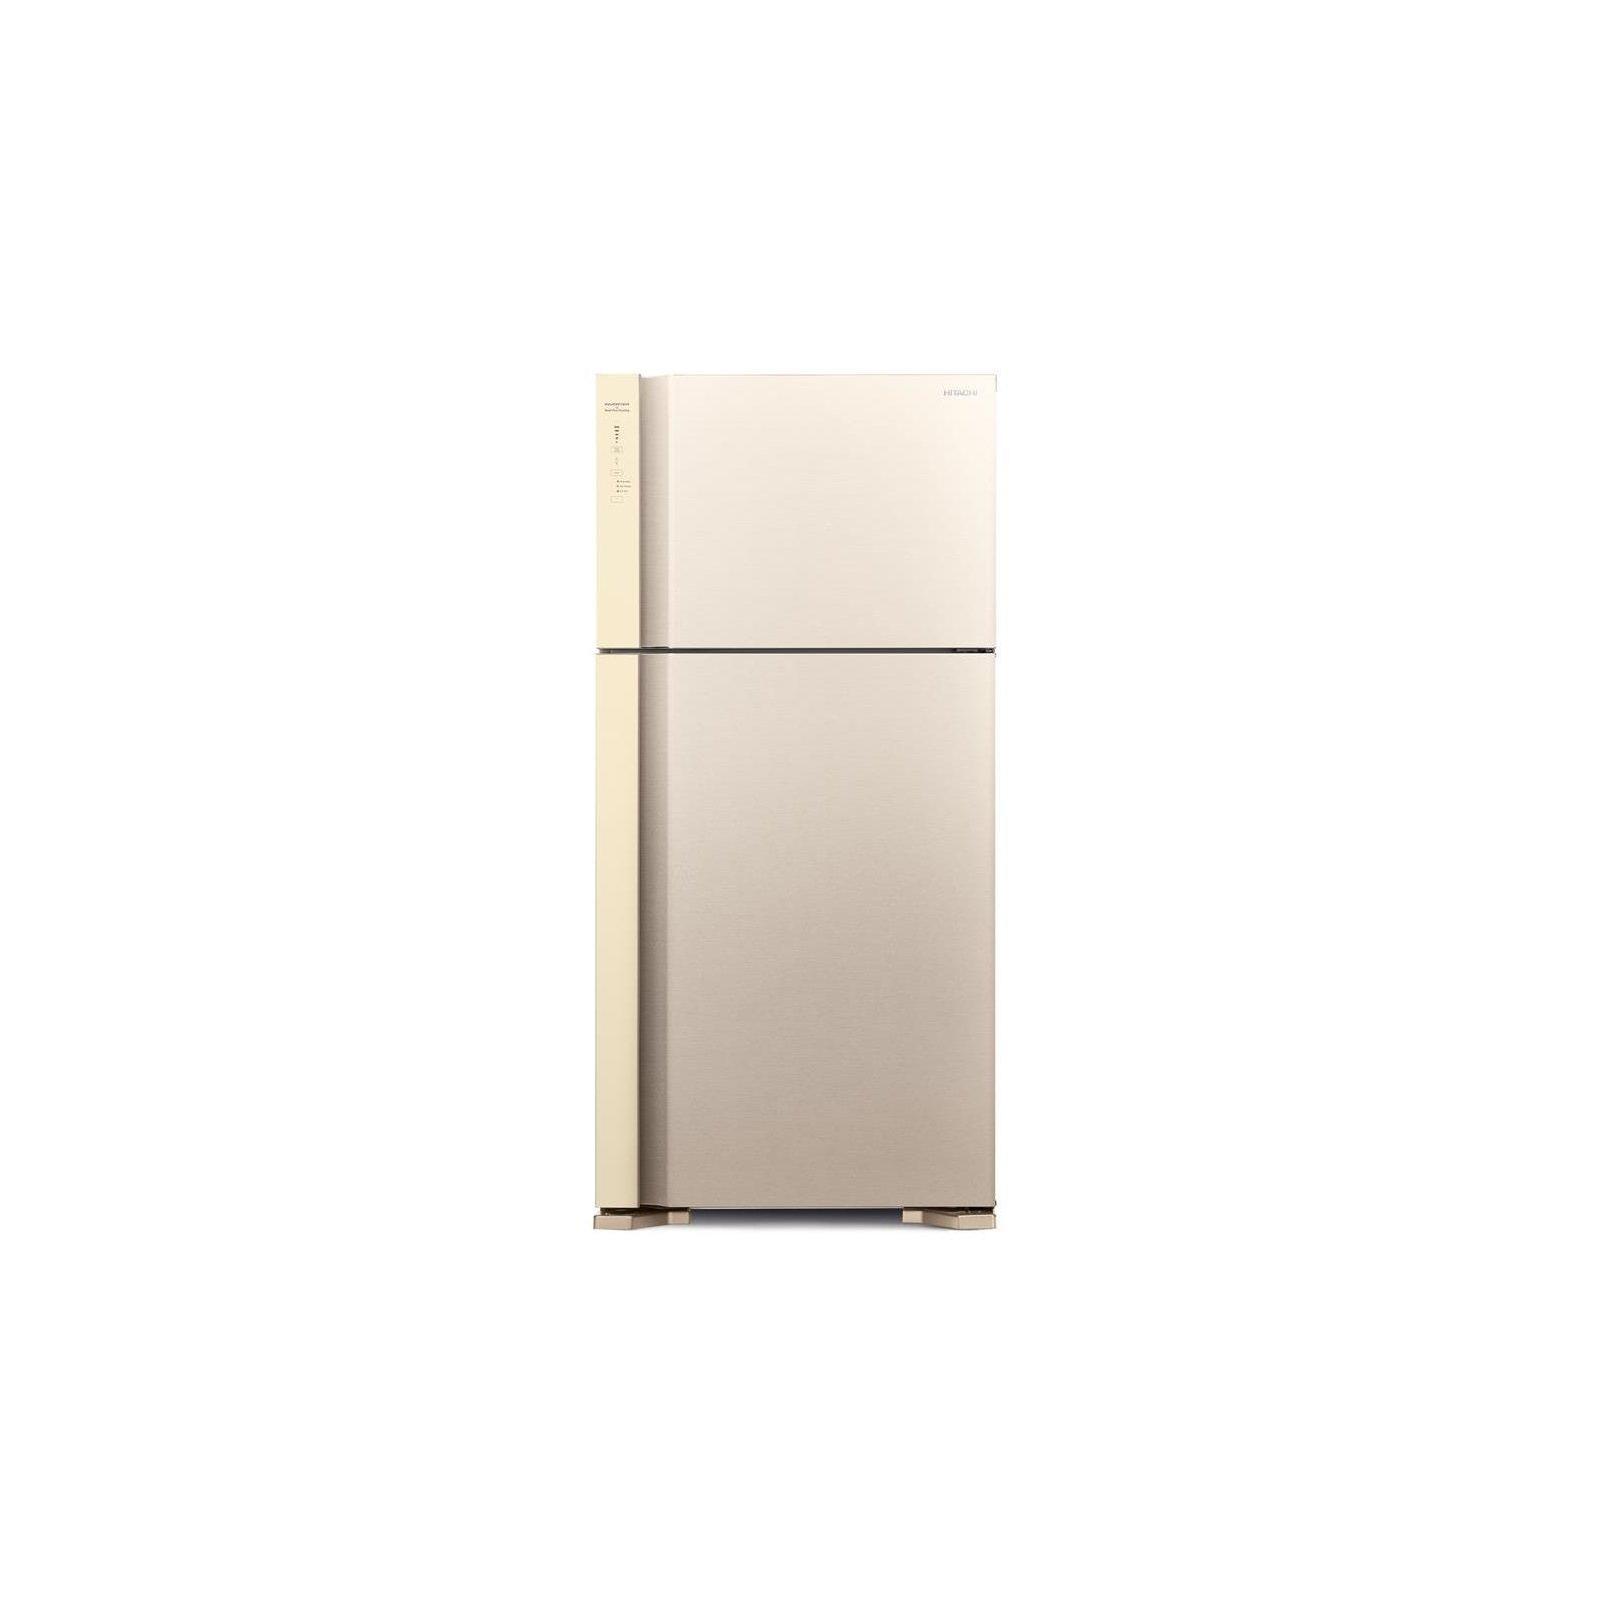 Холодильник Hitachi R-V660PUC7BEG изображение 2